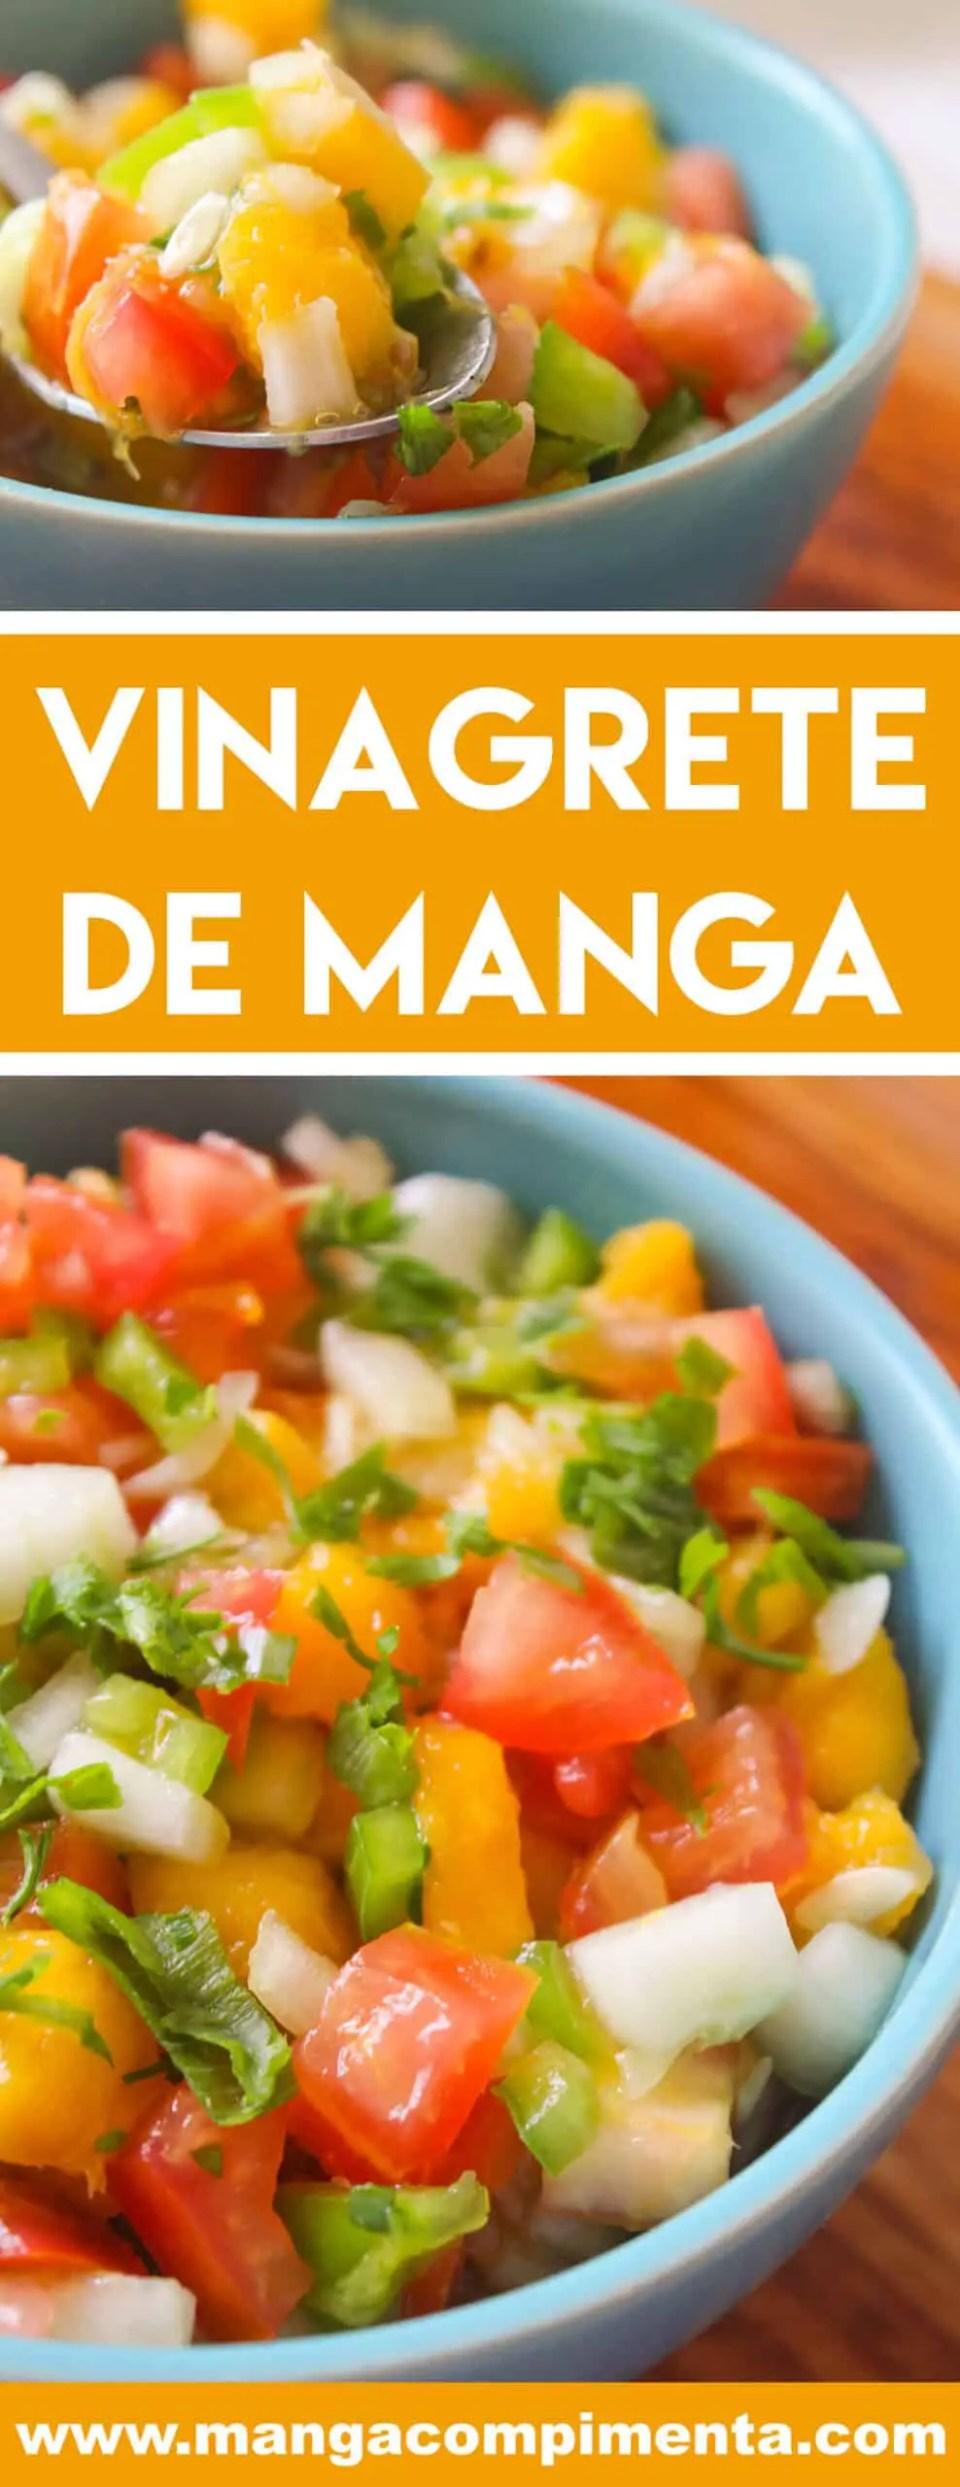 Receita de Vinagrete de Manga - chame os amigos e curta um delicioso Almoço de Verão!